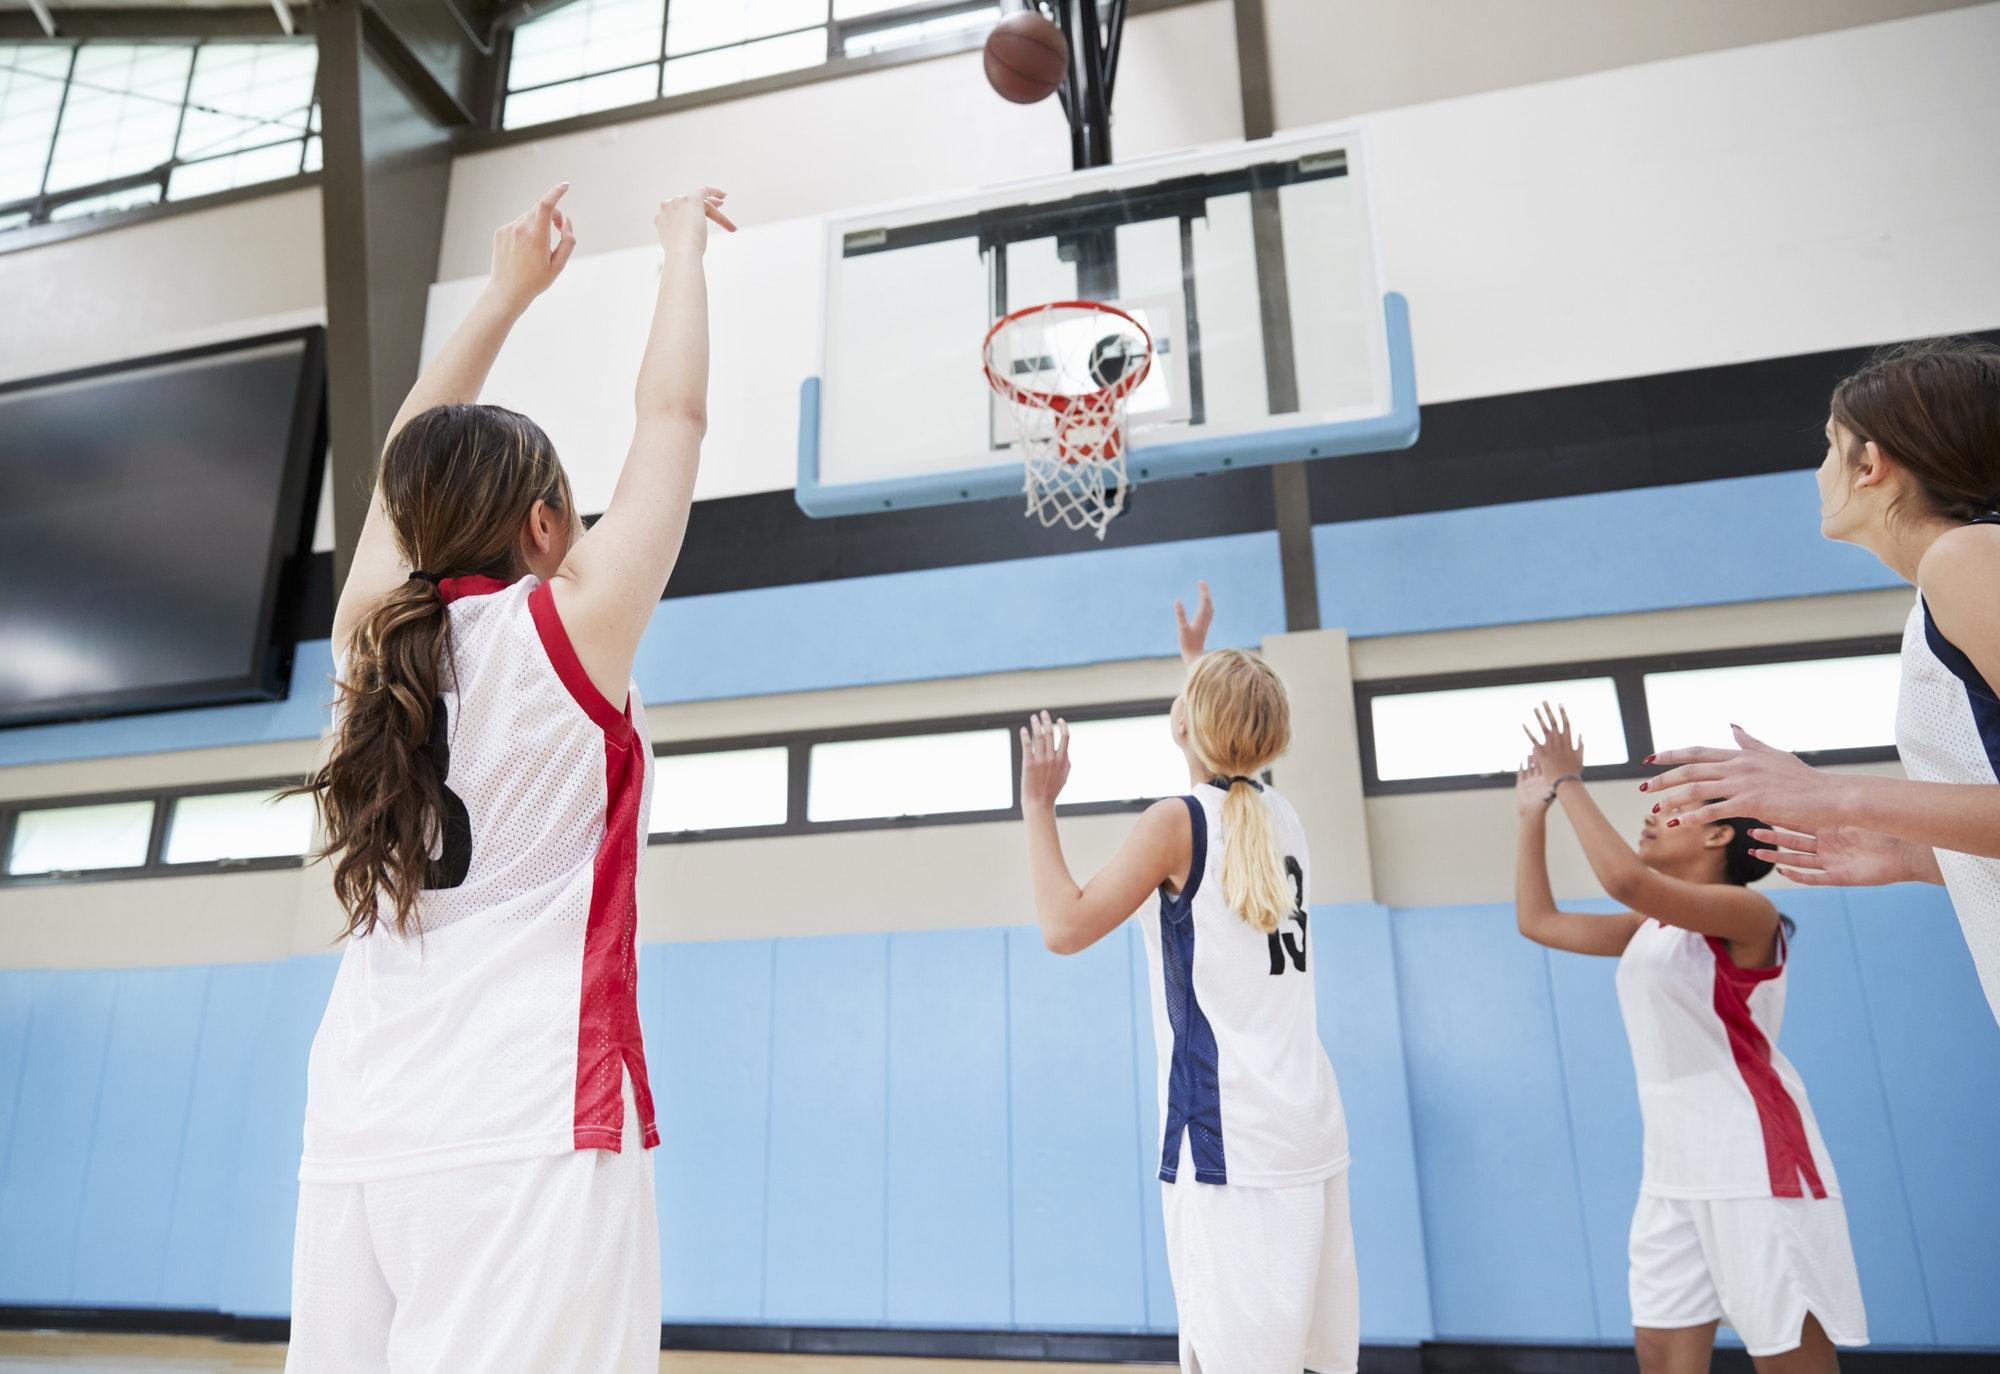 Los Trastornos de la Conducta Alimentaria y el Deporte en Niños/as y Adolescentes